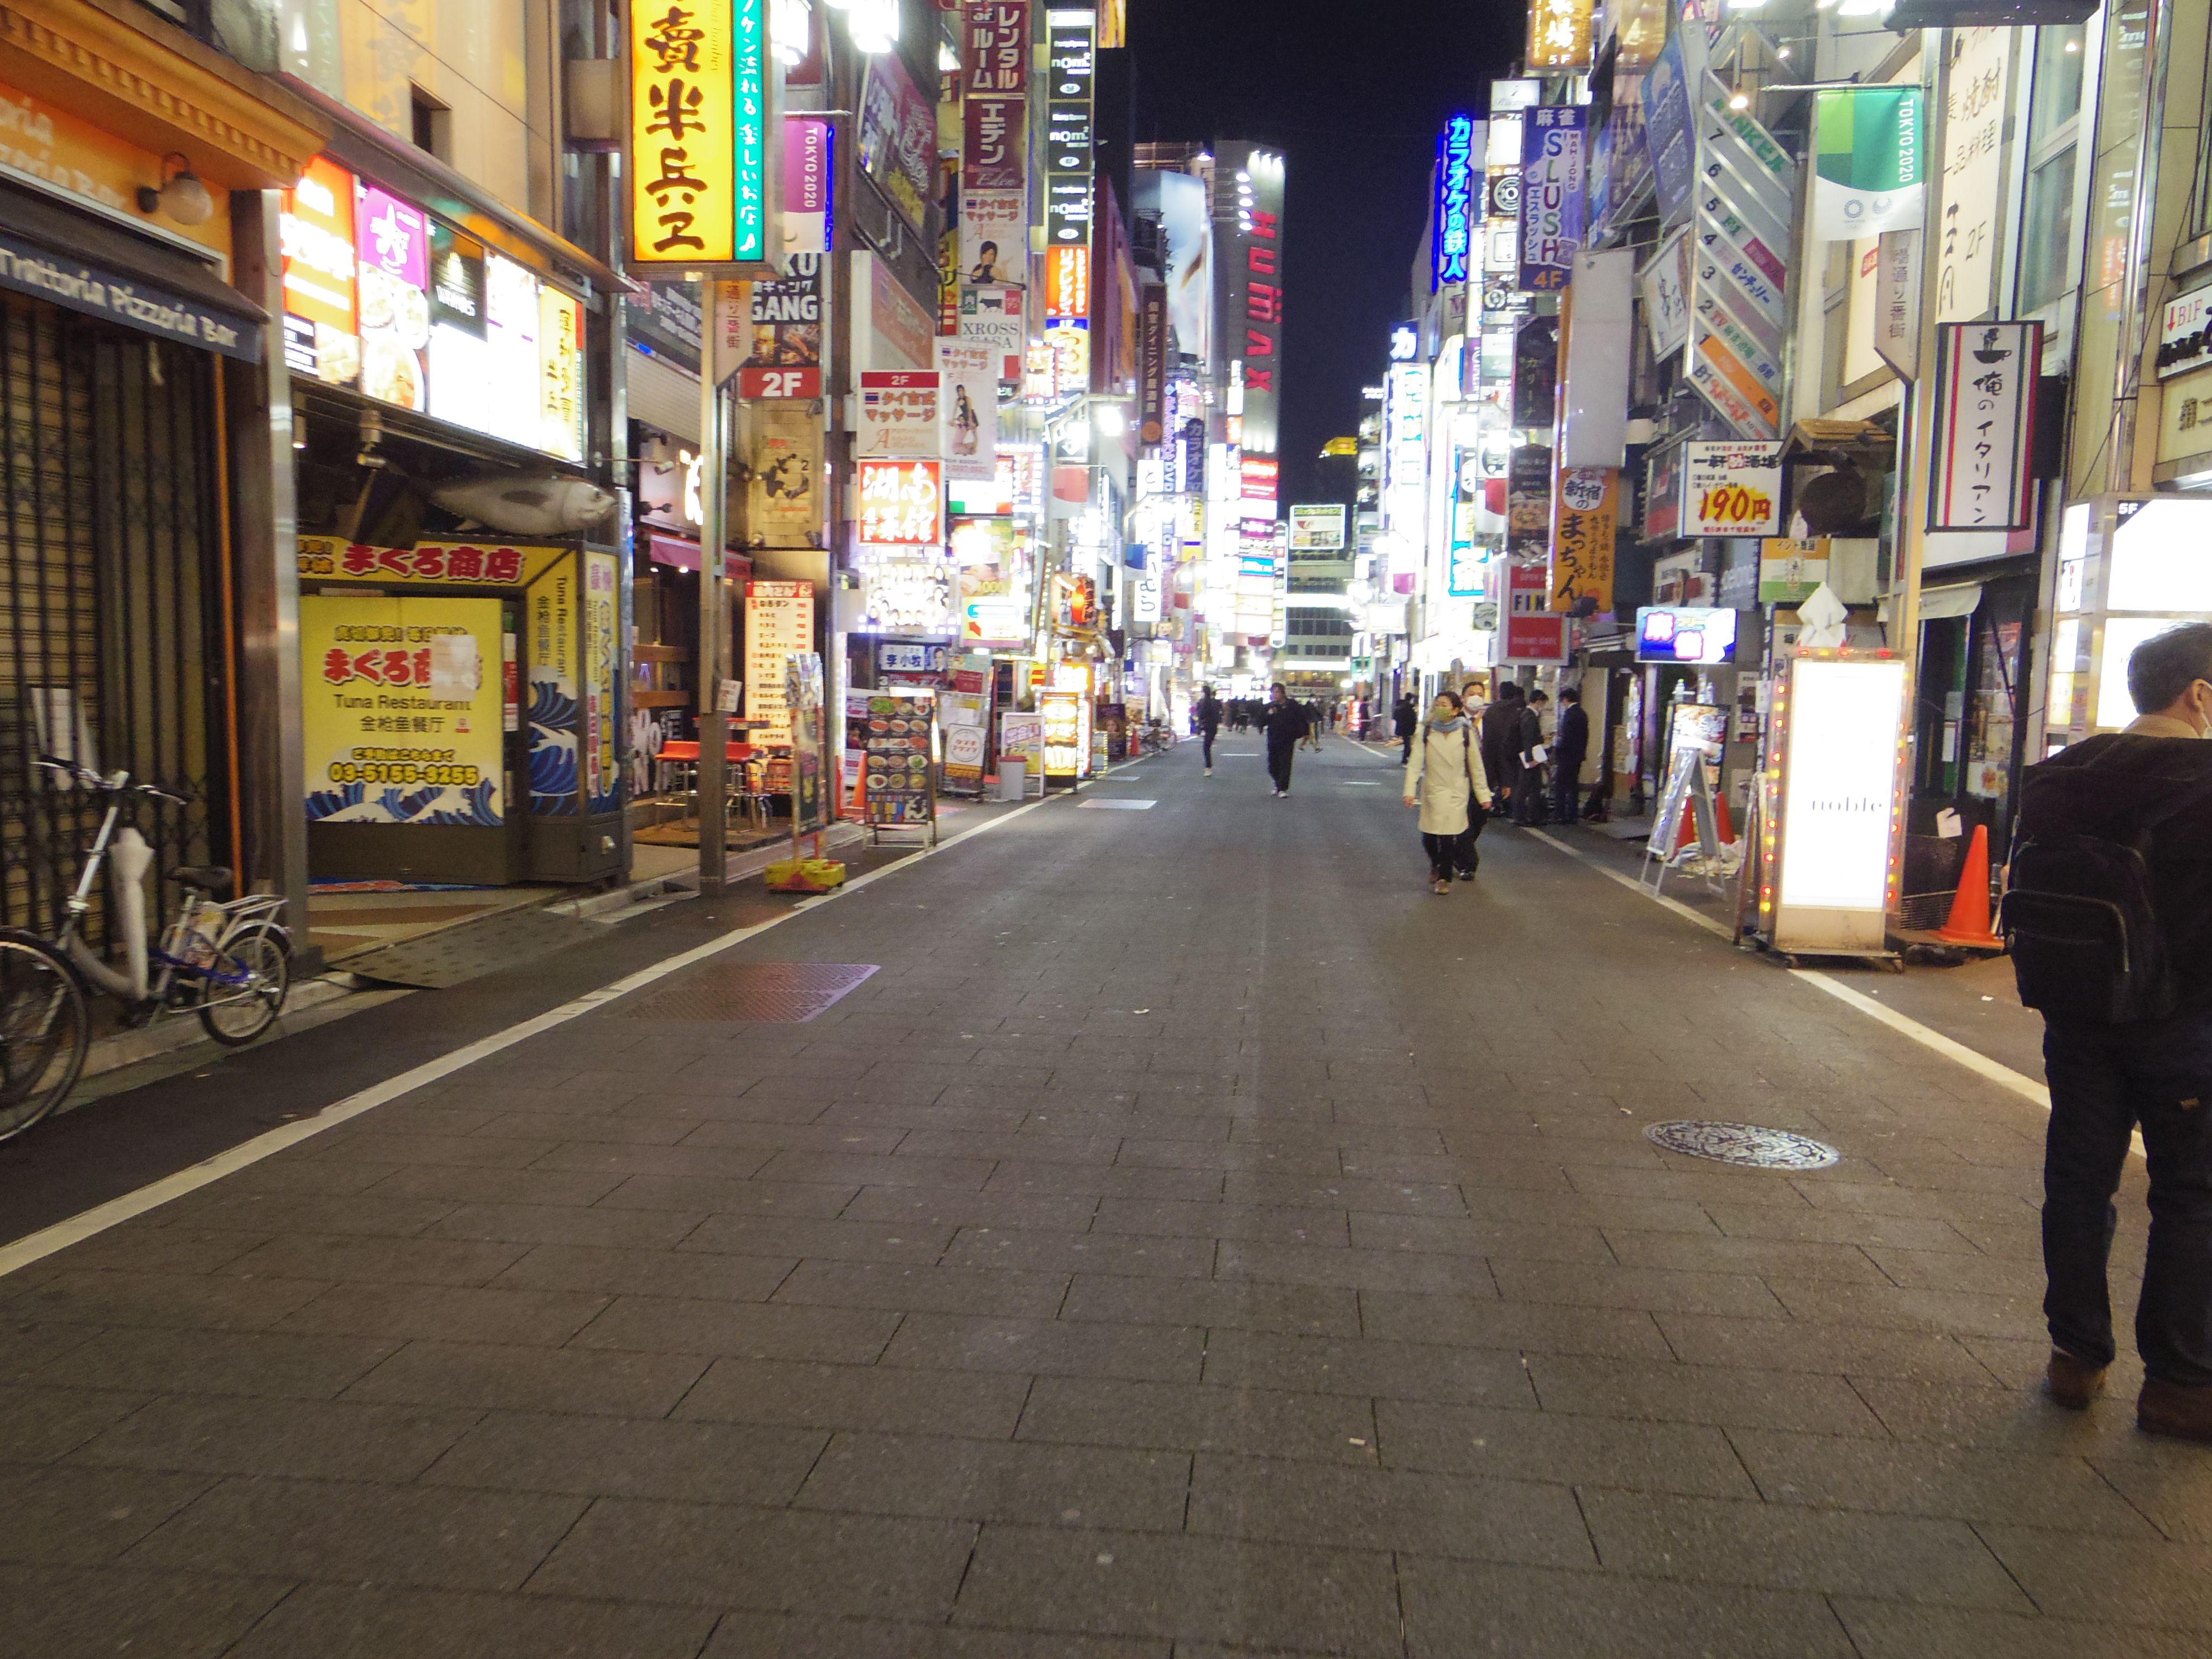 緊急事態宣言発令中「東京の夜の街を歩いてみた」【新宿・渋谷の動画】の画像002